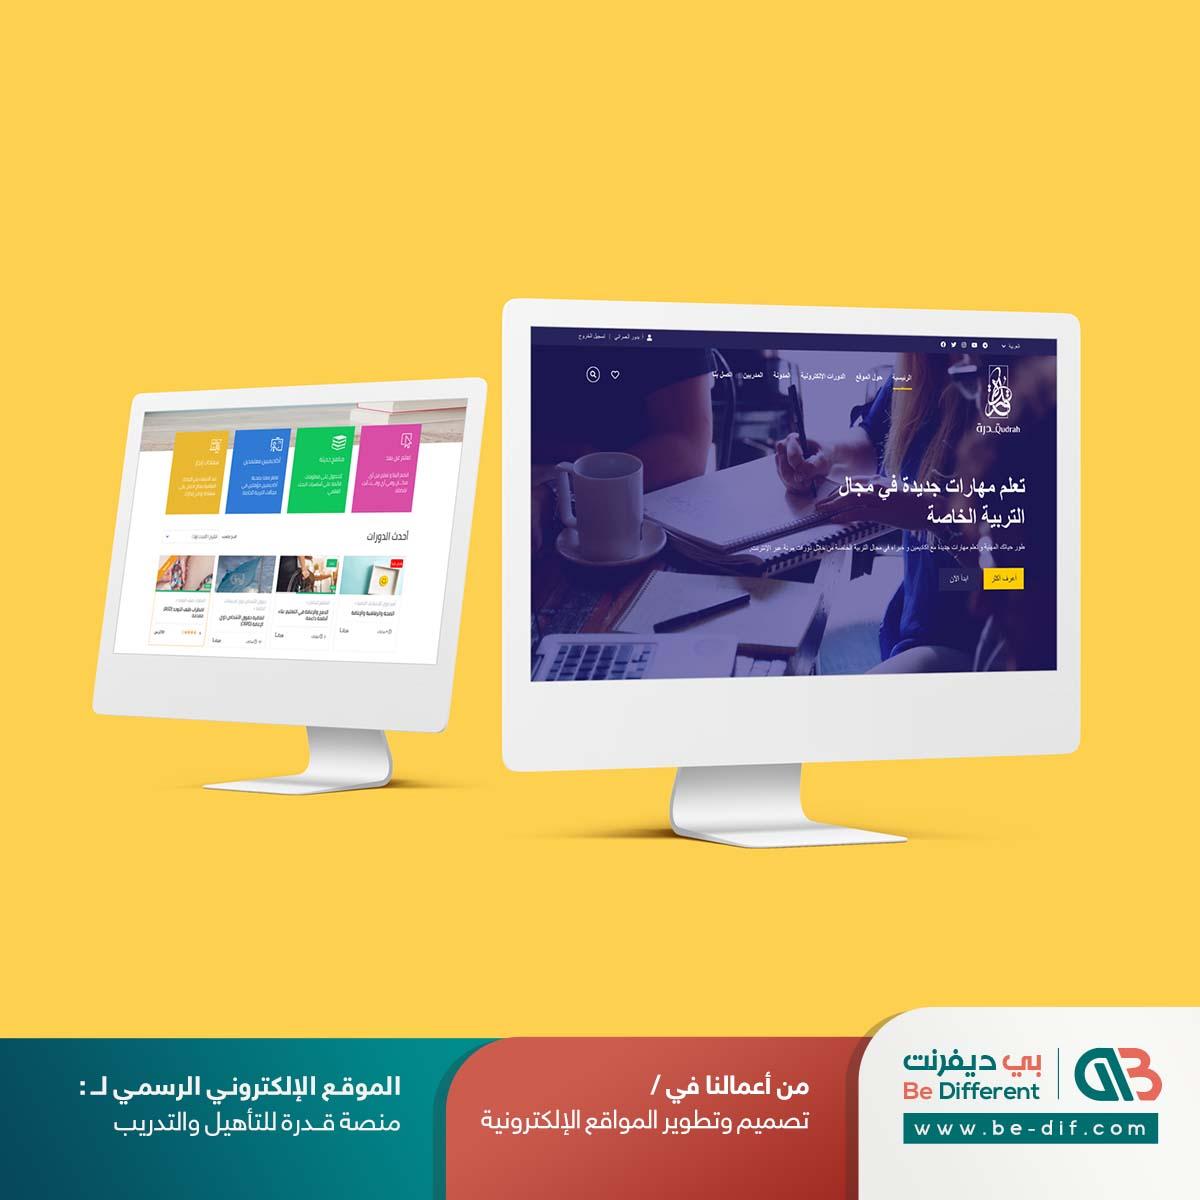 منصة قدره اكاديمي موقع تعليم عن بعد - بي ديفرنت تصميم مواقع الكترونية